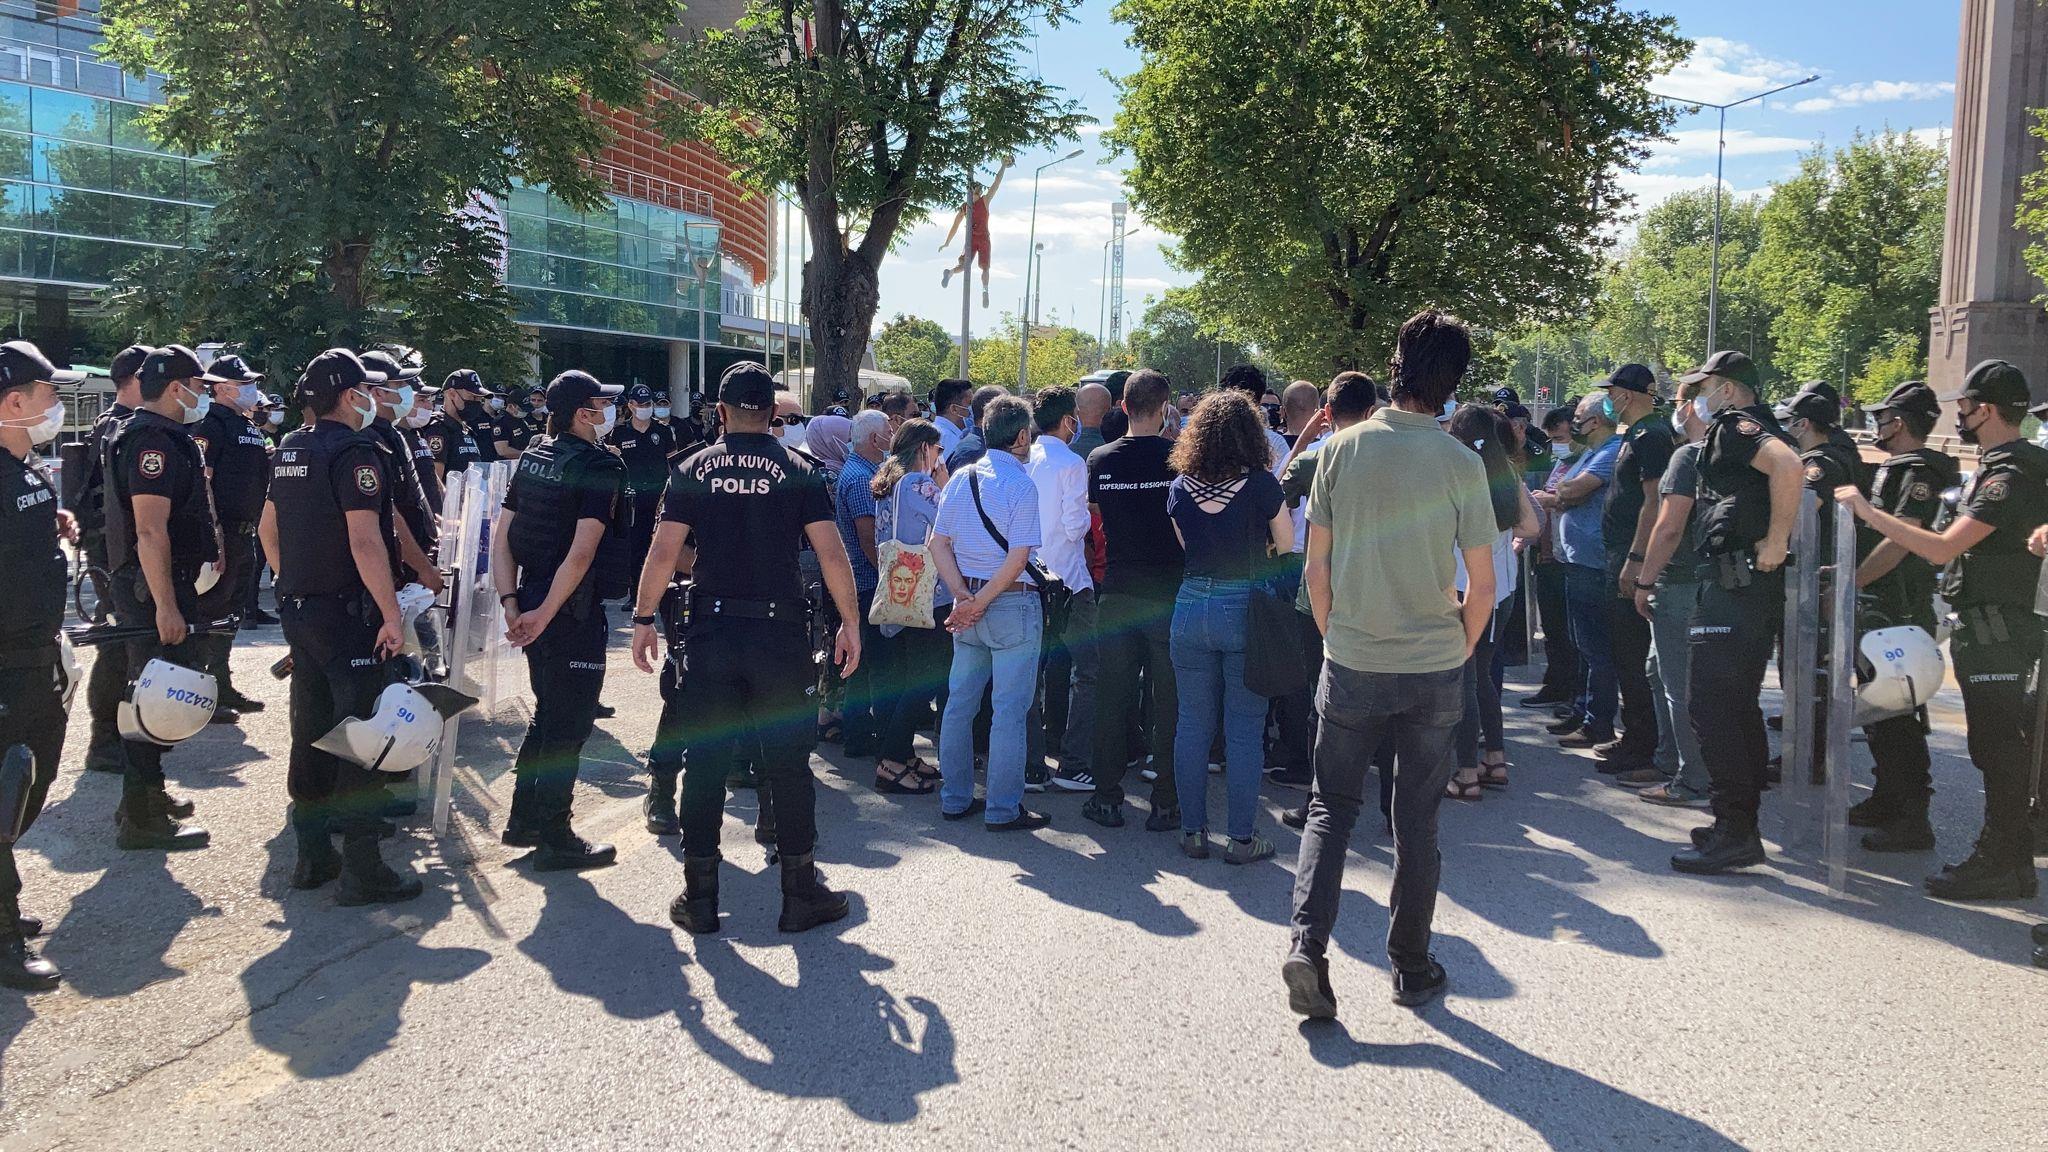 10 Ekim Anmasına Polis Saldırısı: 5 Yoldaşımız Gözaltında